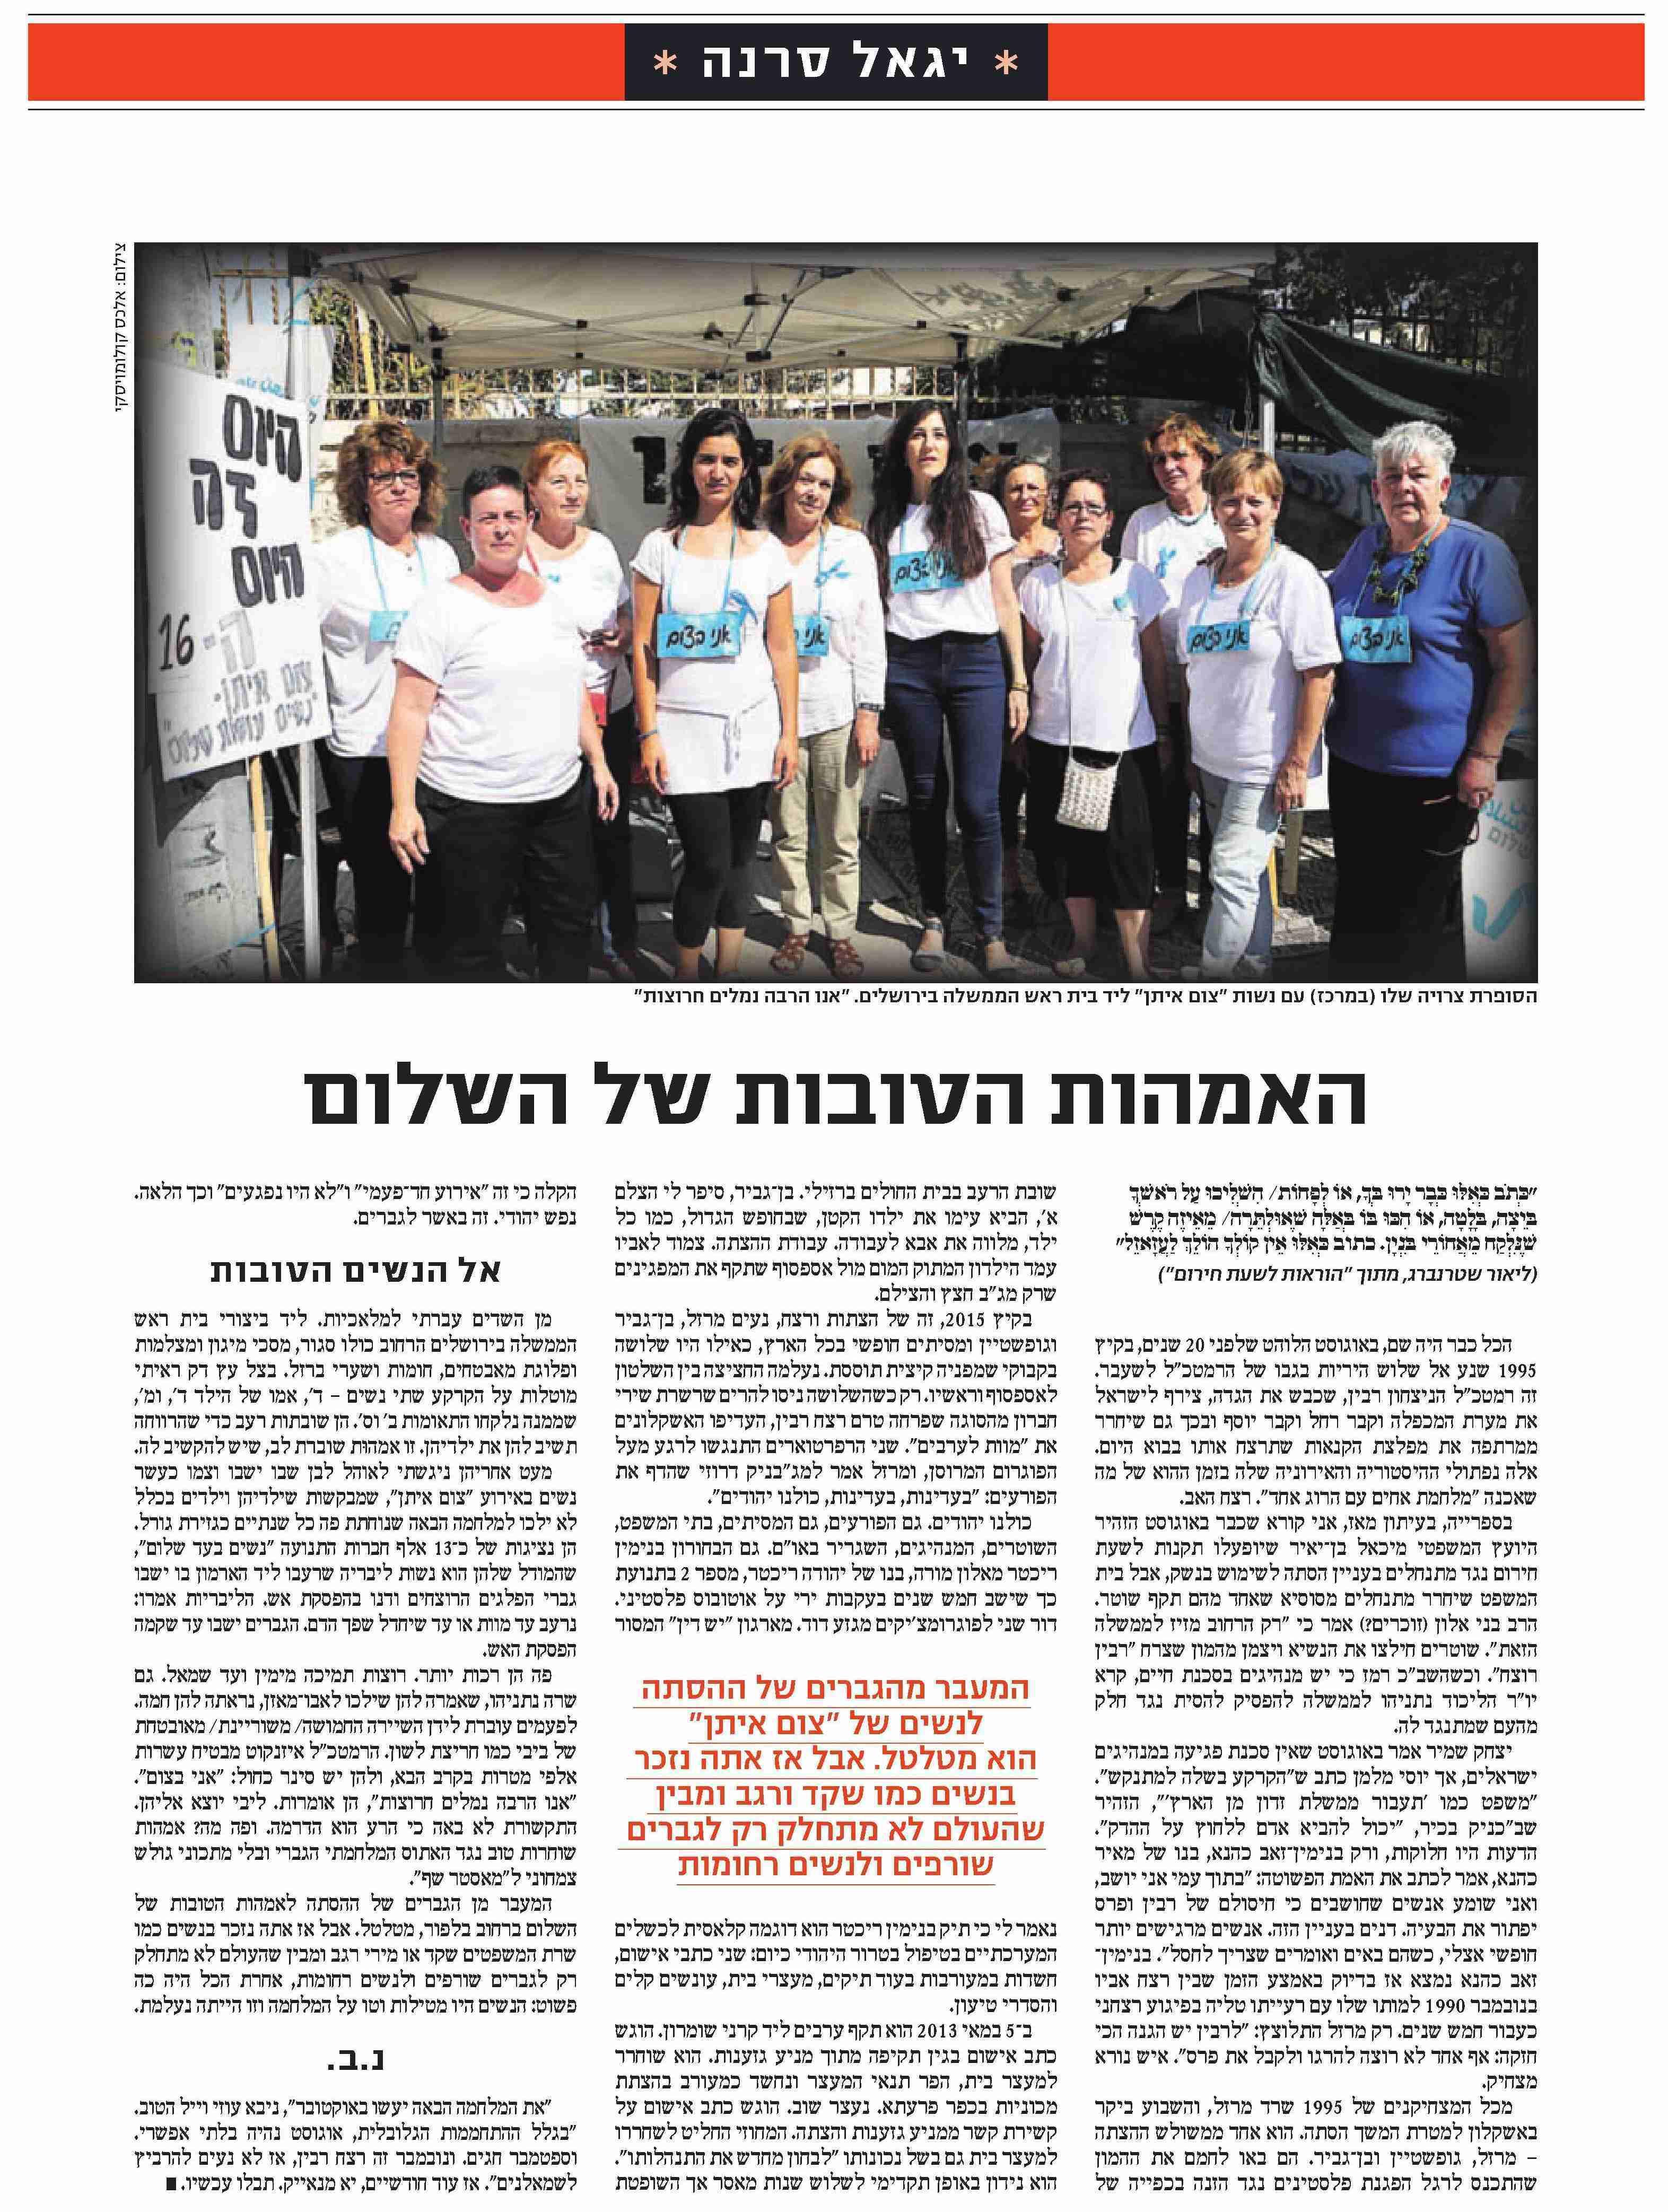 האמהות הטובות של השלום / יגאל סרנה, ידיעות אחרונות (צילום אלכס קולוריסקי)